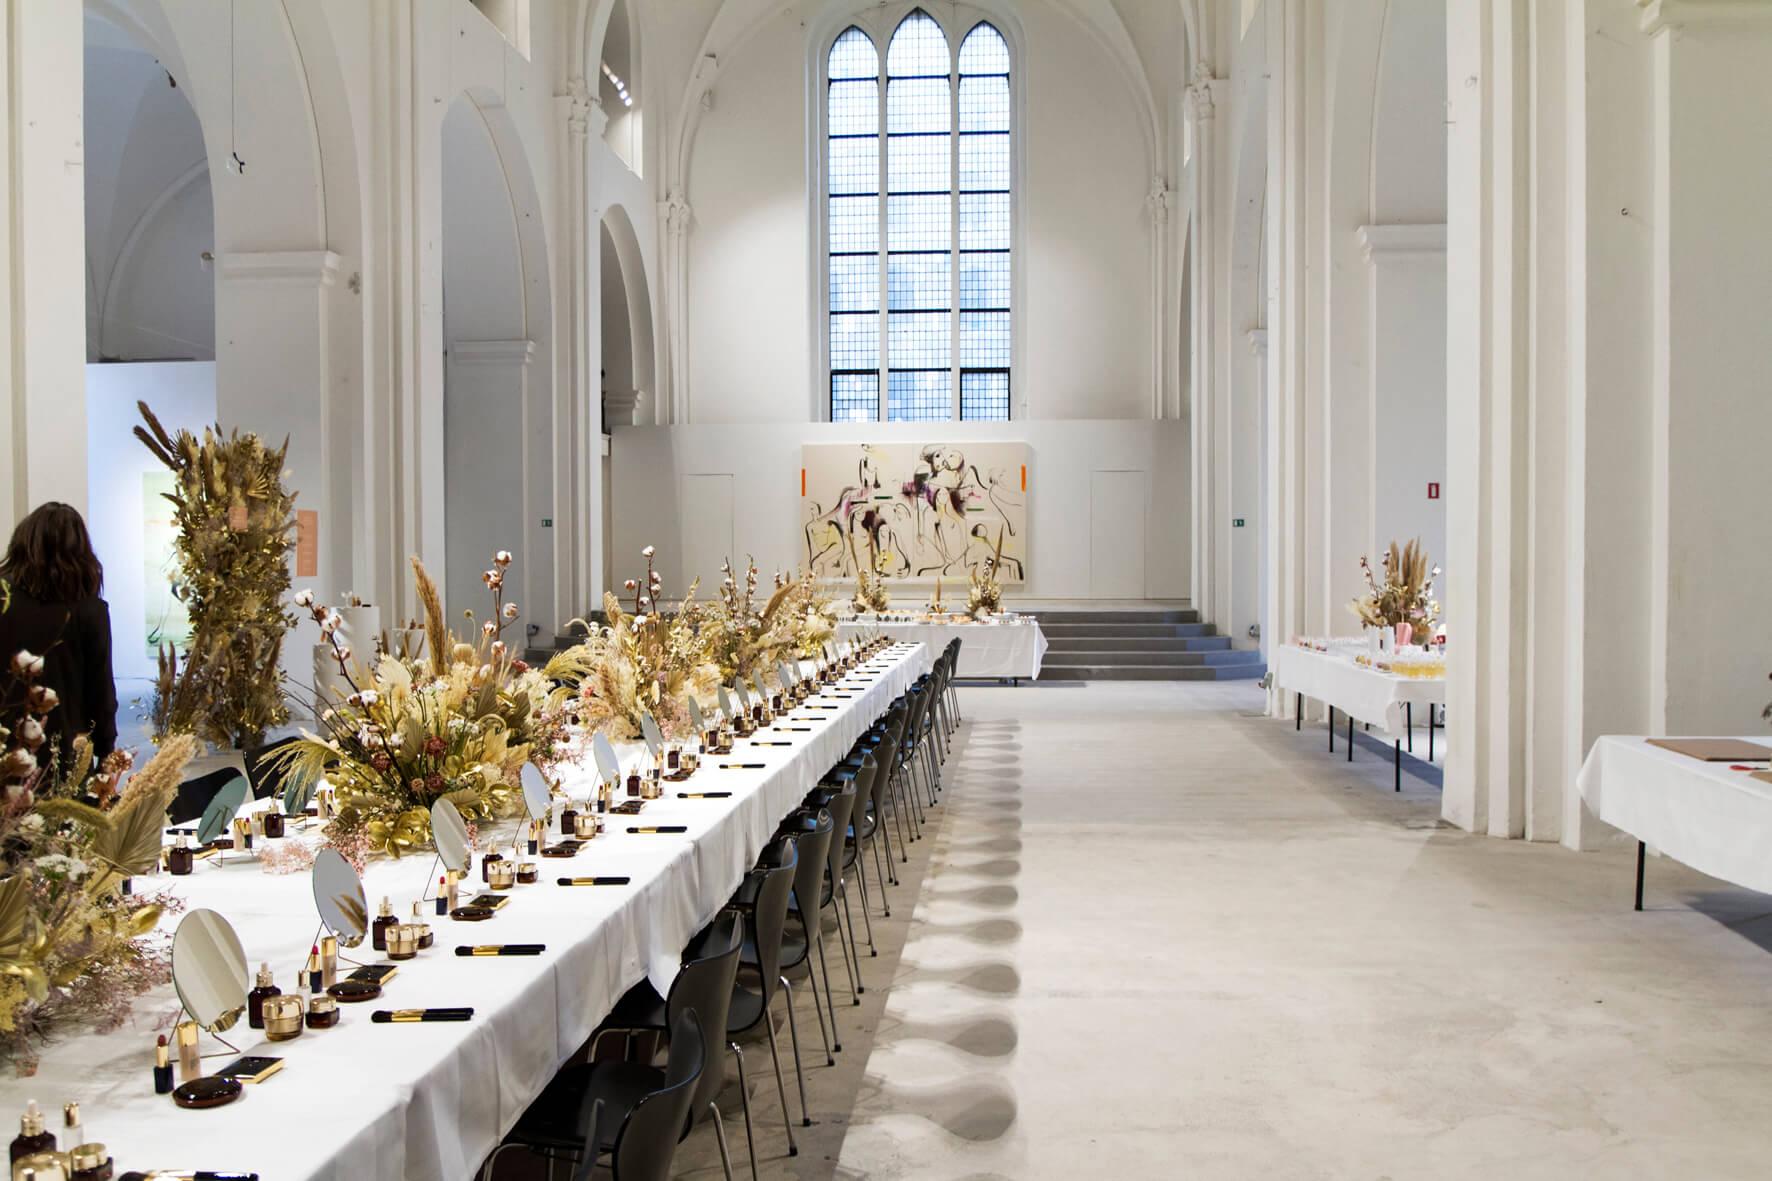 Estée Lauder beauty event